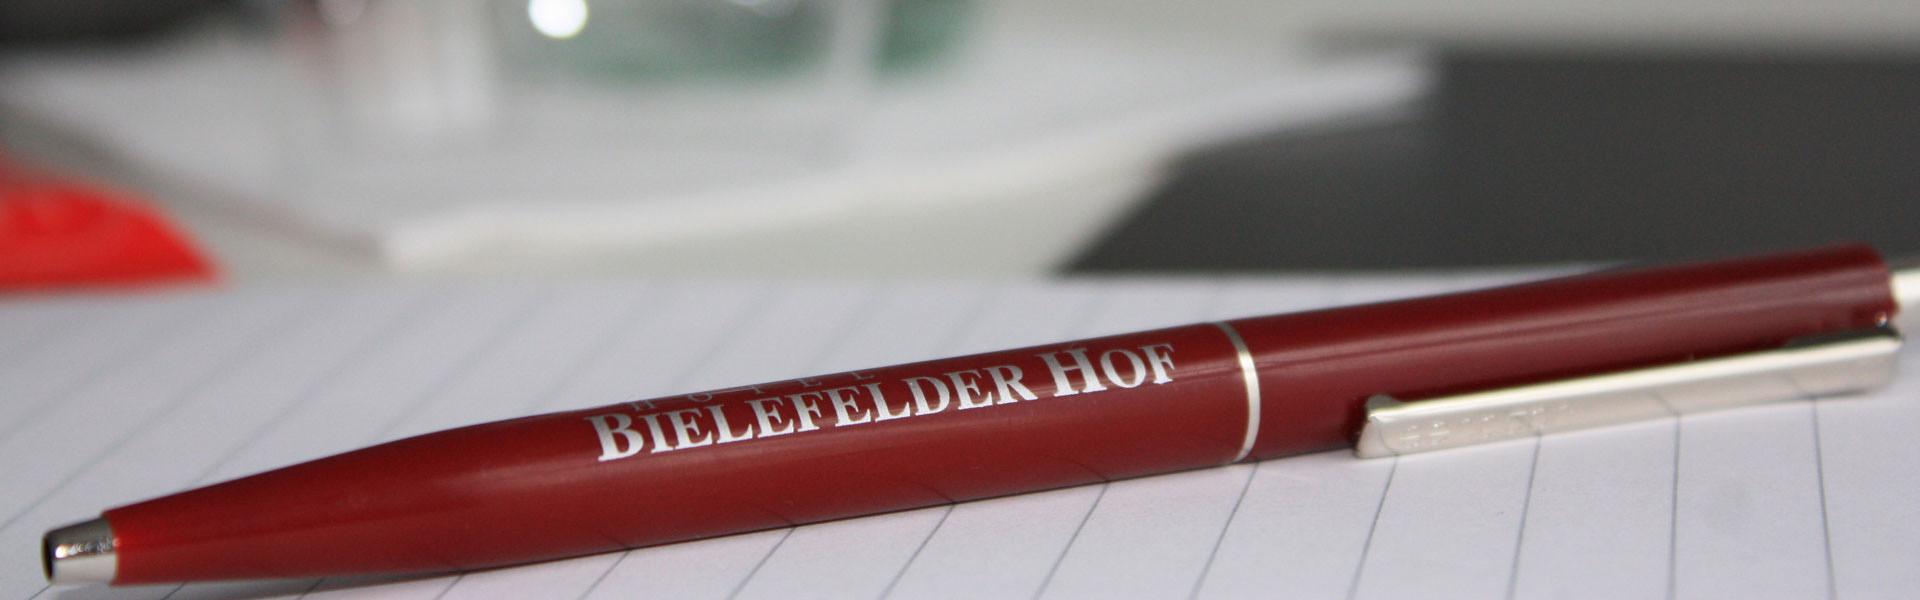 Tagungshotel Bielefelder Hof Stift